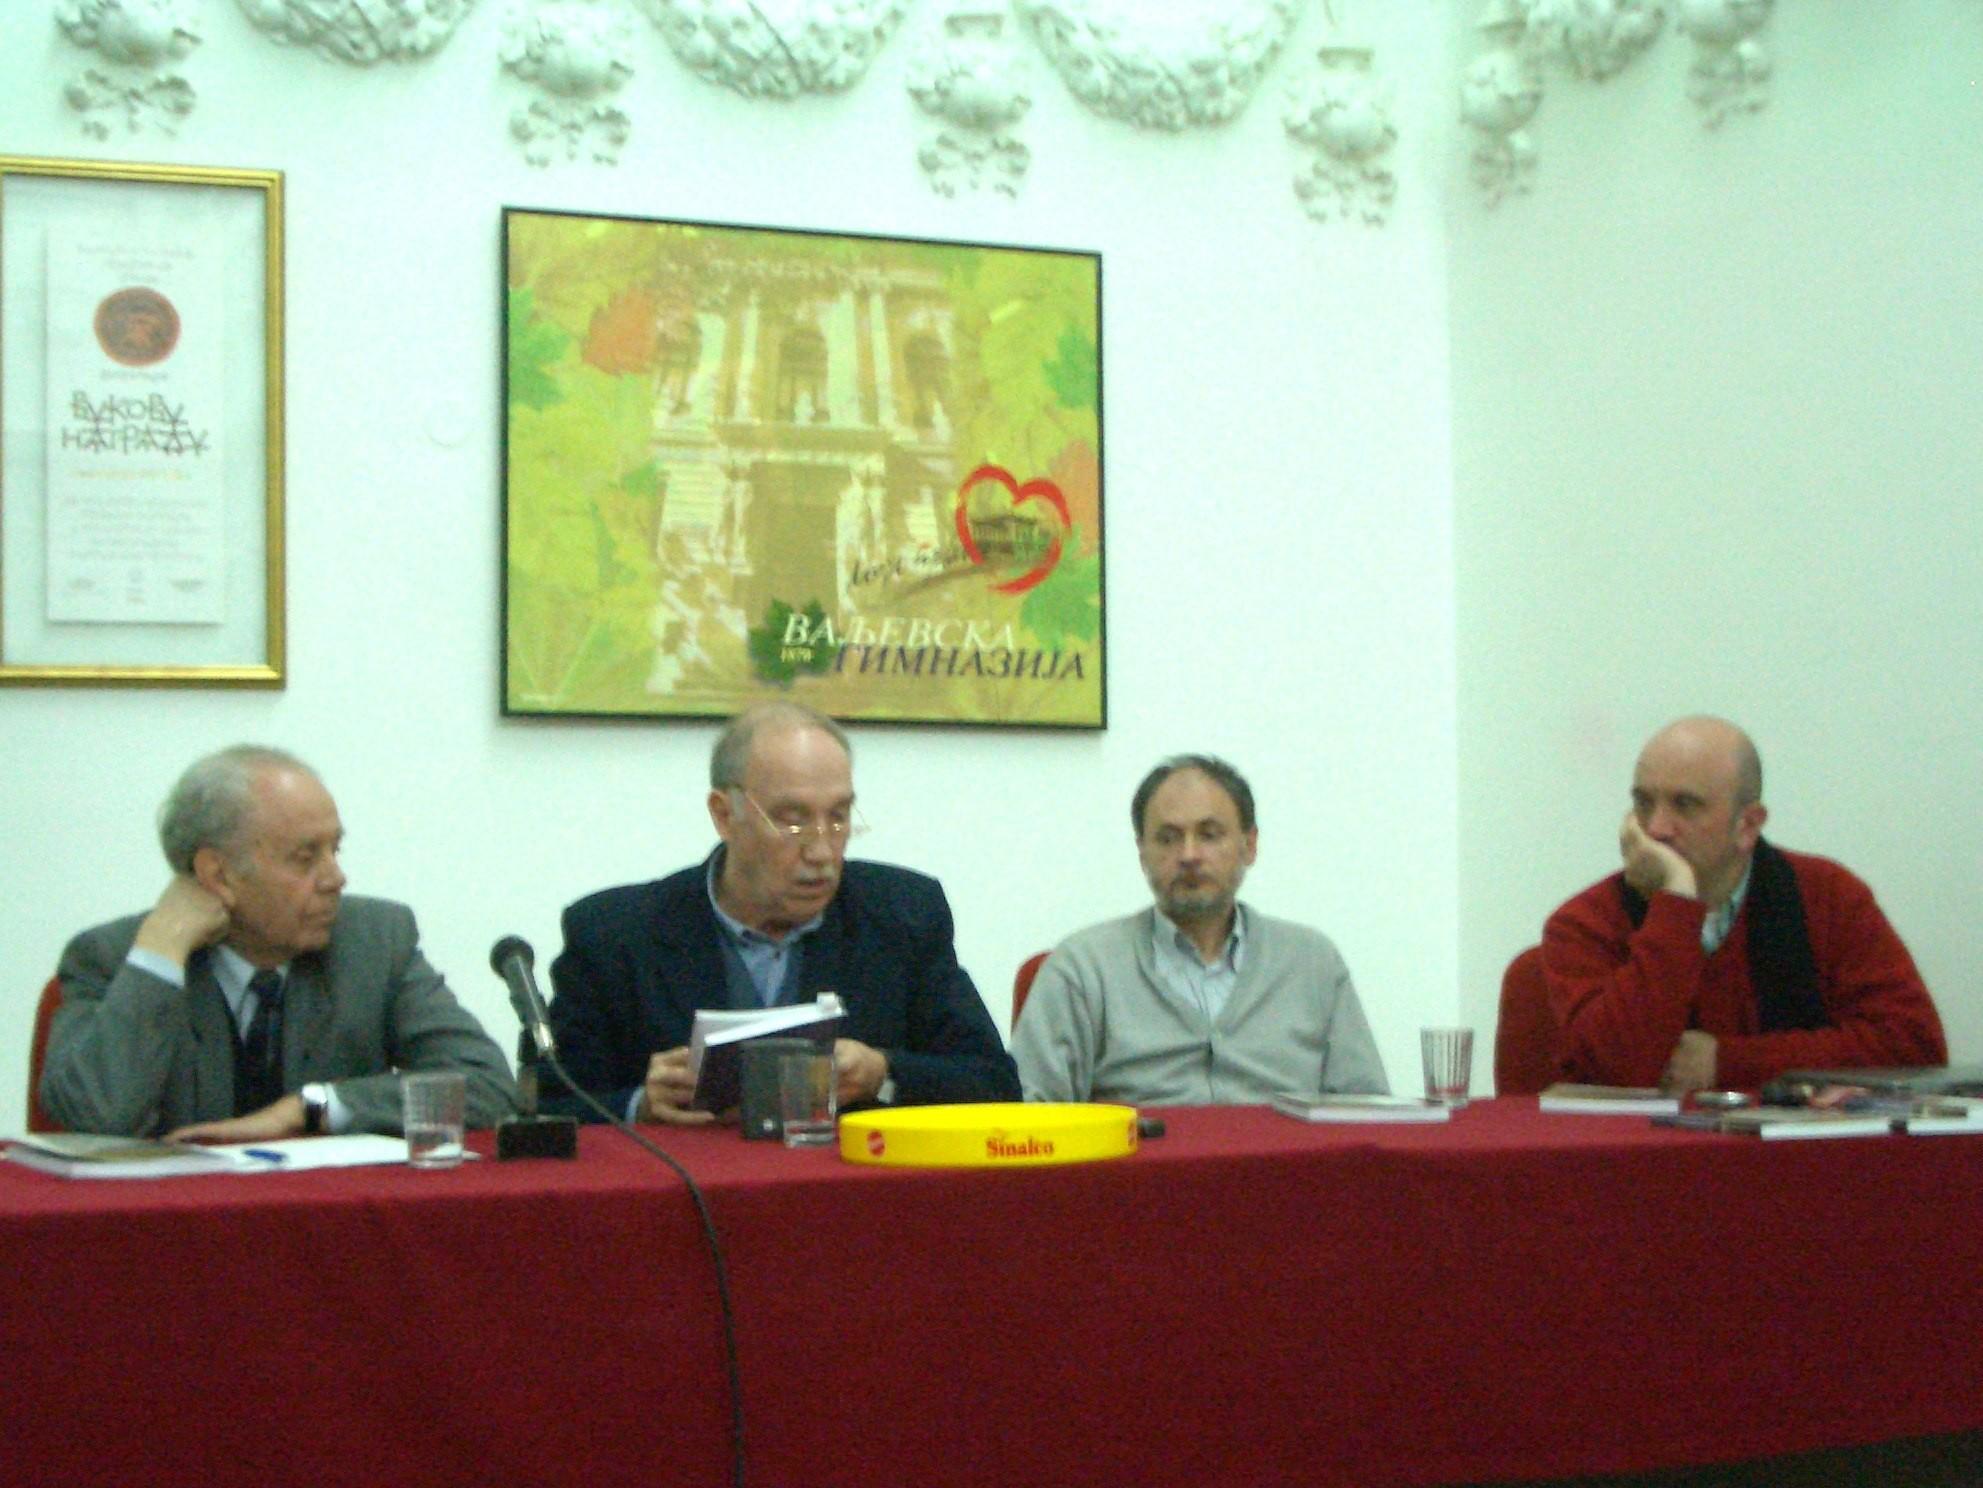 Tribina povodom izlozbe 50 god IAUS-a, Valjevska gimnazija, 21. marta 2005. godine - sa M. Jeftićem, S. Maldinijem i B. Kovačevićem